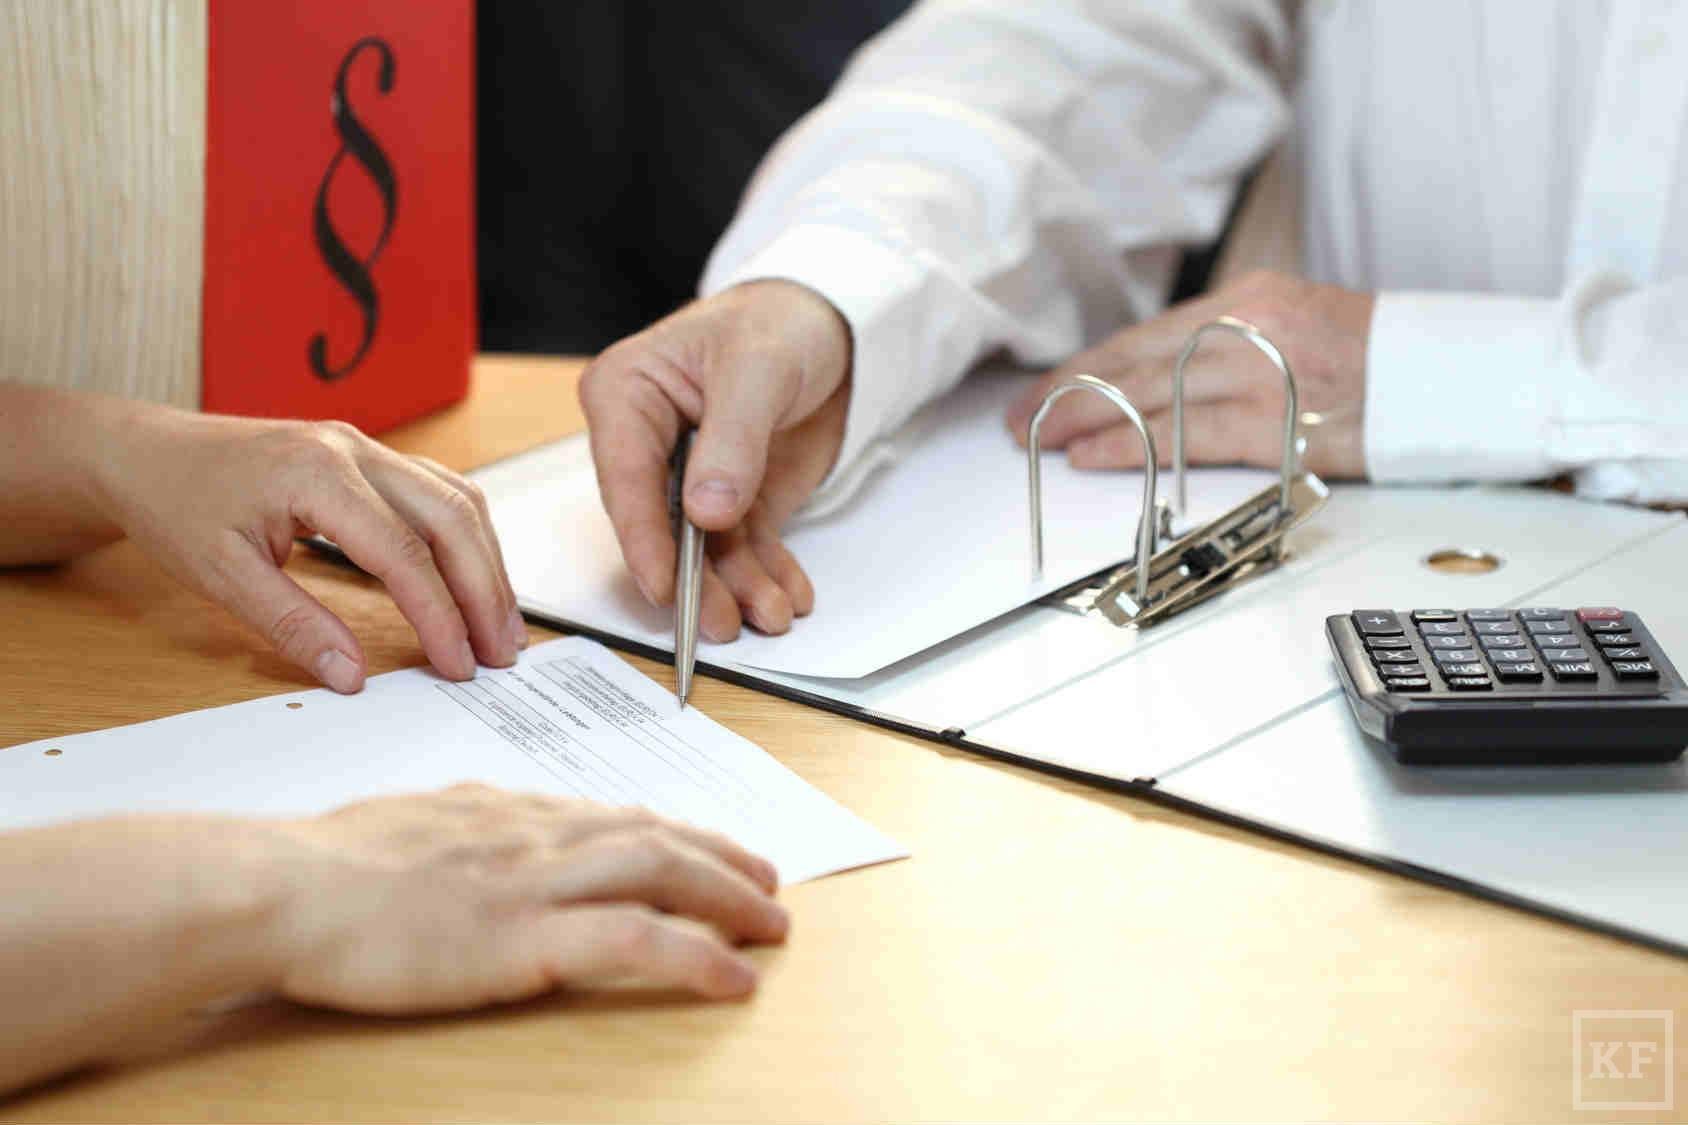 Банки делают ставку на сотрудников крупных предприятий и организаций. Они перестали отказывать в кредите всем подряд